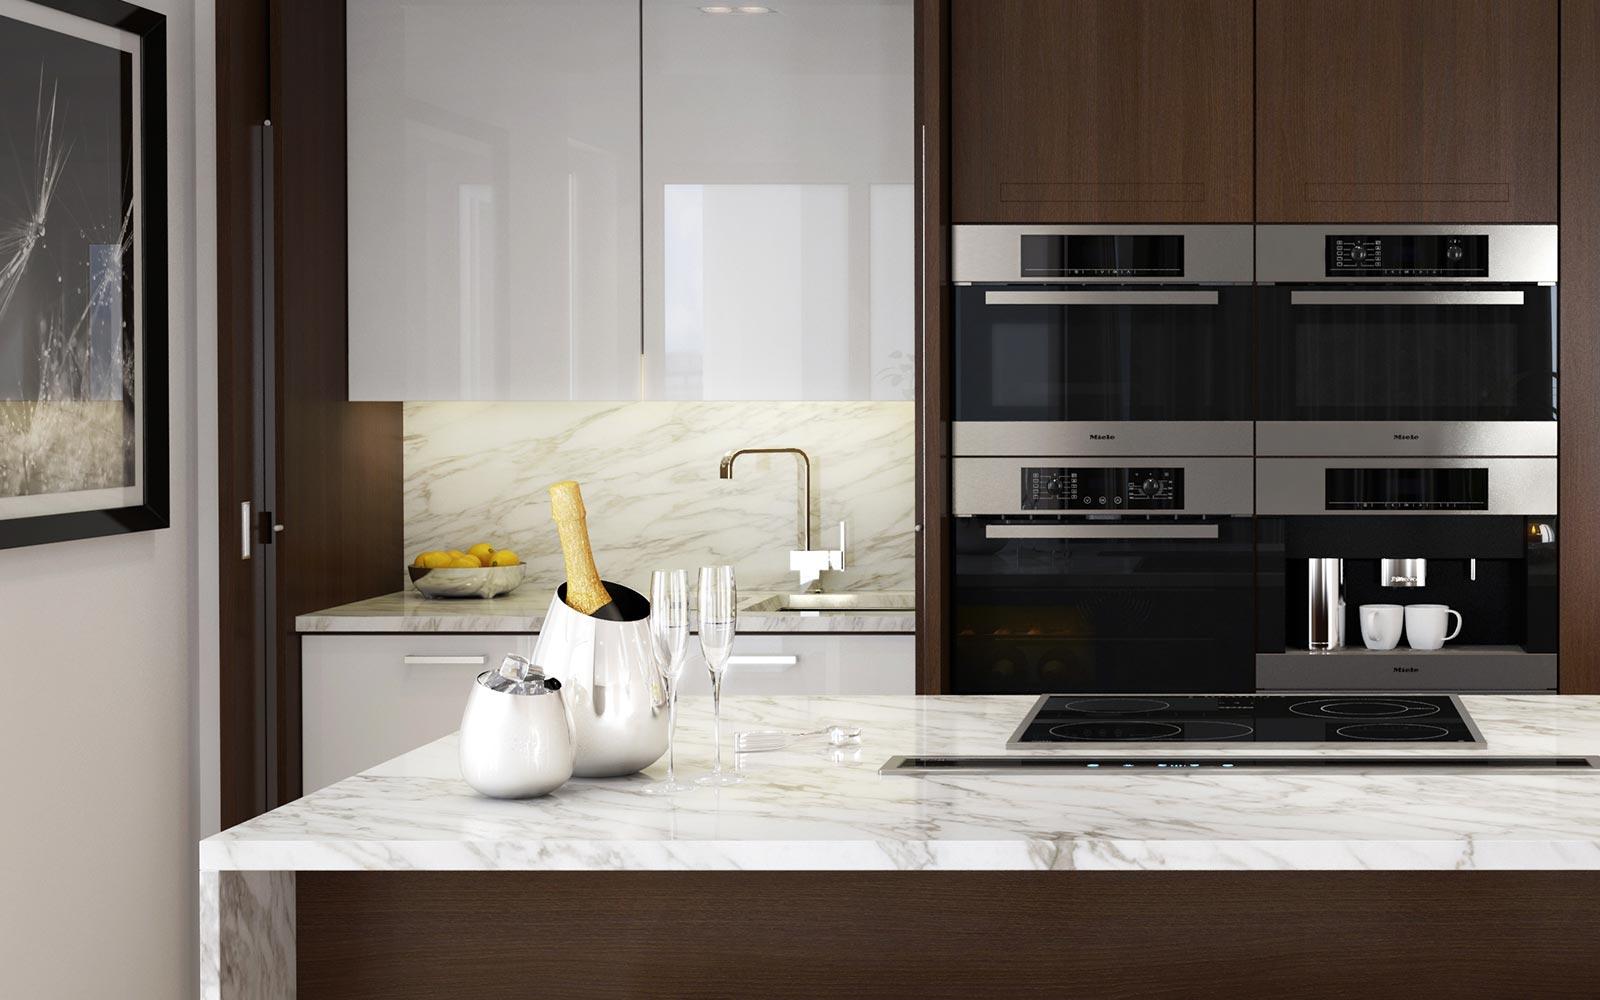 Kitchen detail by Irinel Florescu